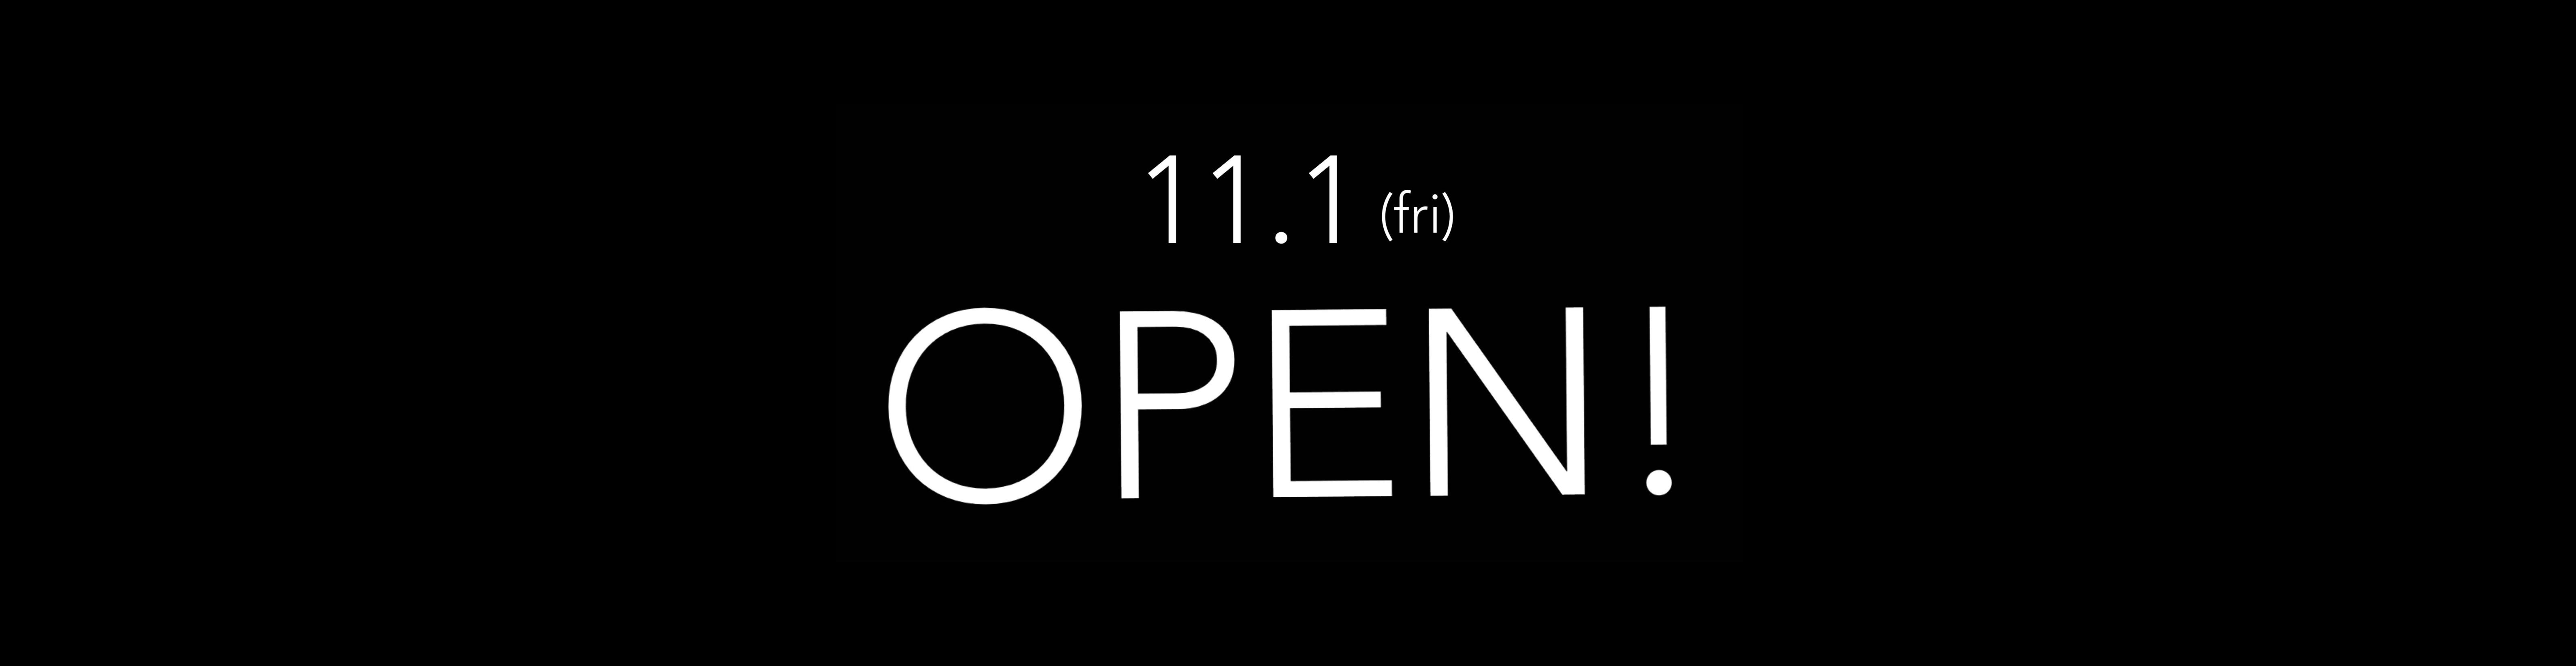 11月1日、試聴スペースをオープンします